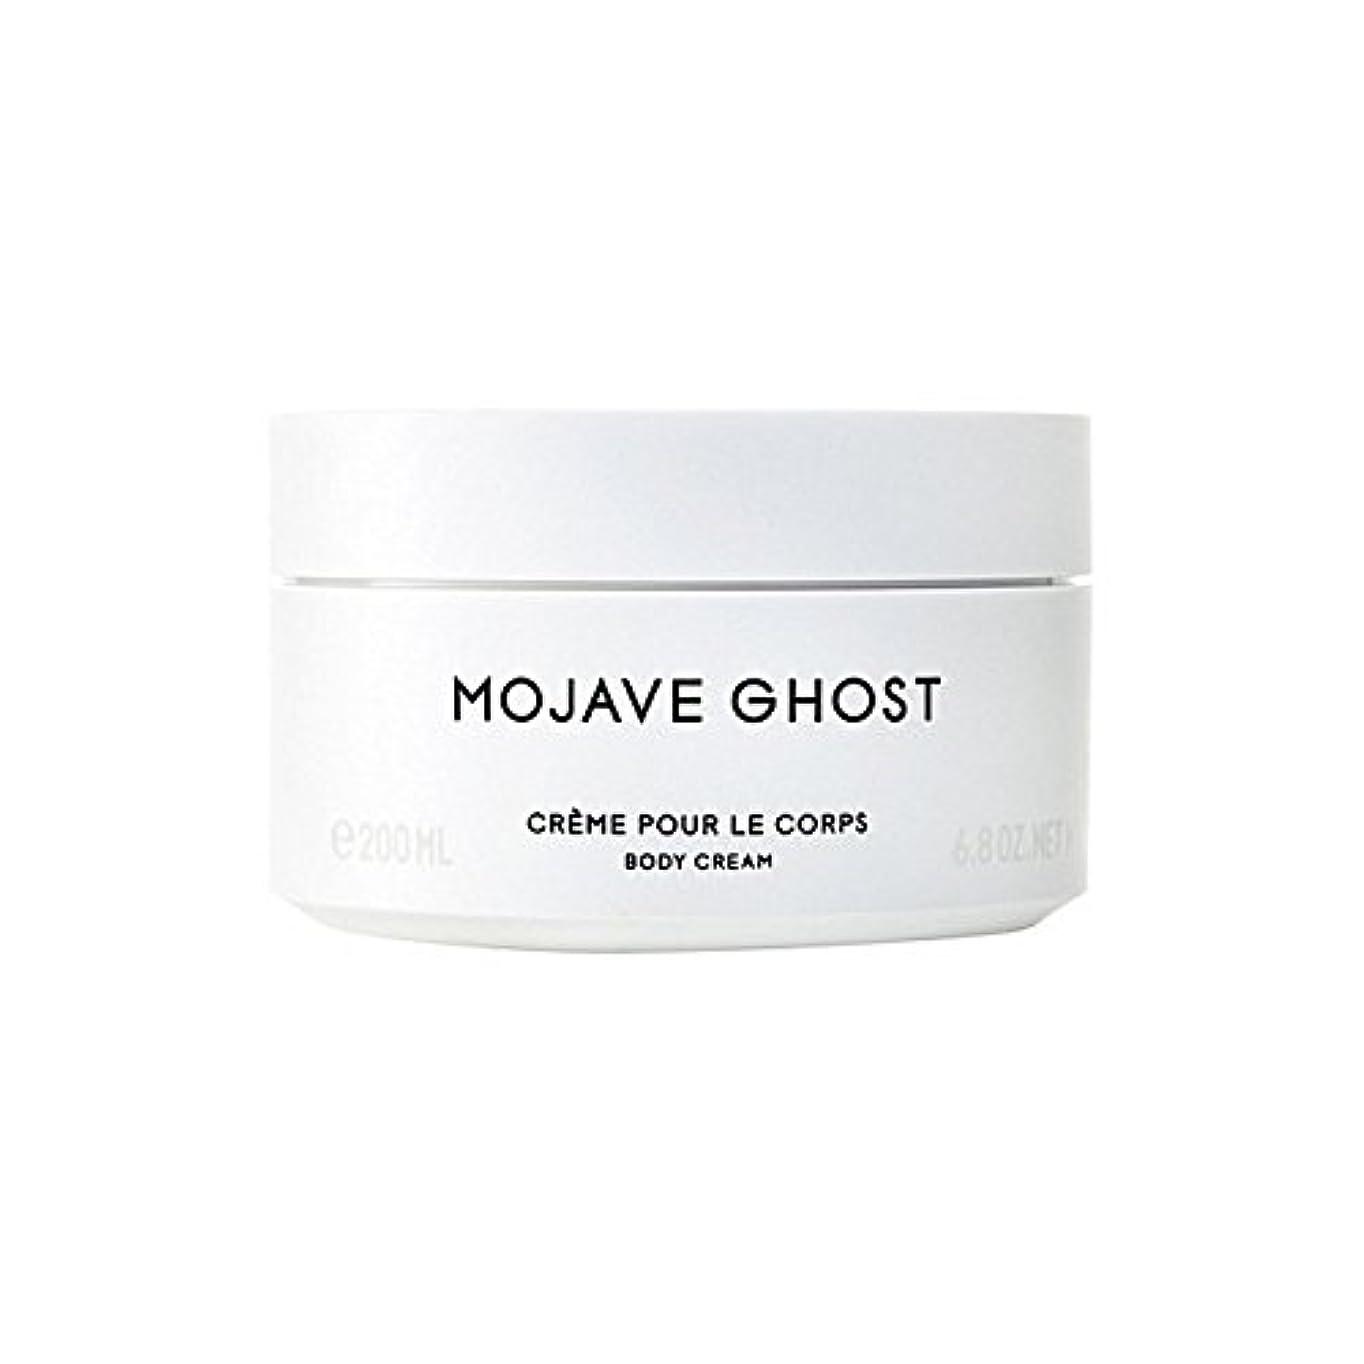 下にキャスト測るモハーベゴーストボディクリーム200ミリリットル x4 - Byredo Mojave Ghost Body Cream 200ml (Pack of 4) [並行輸入品]